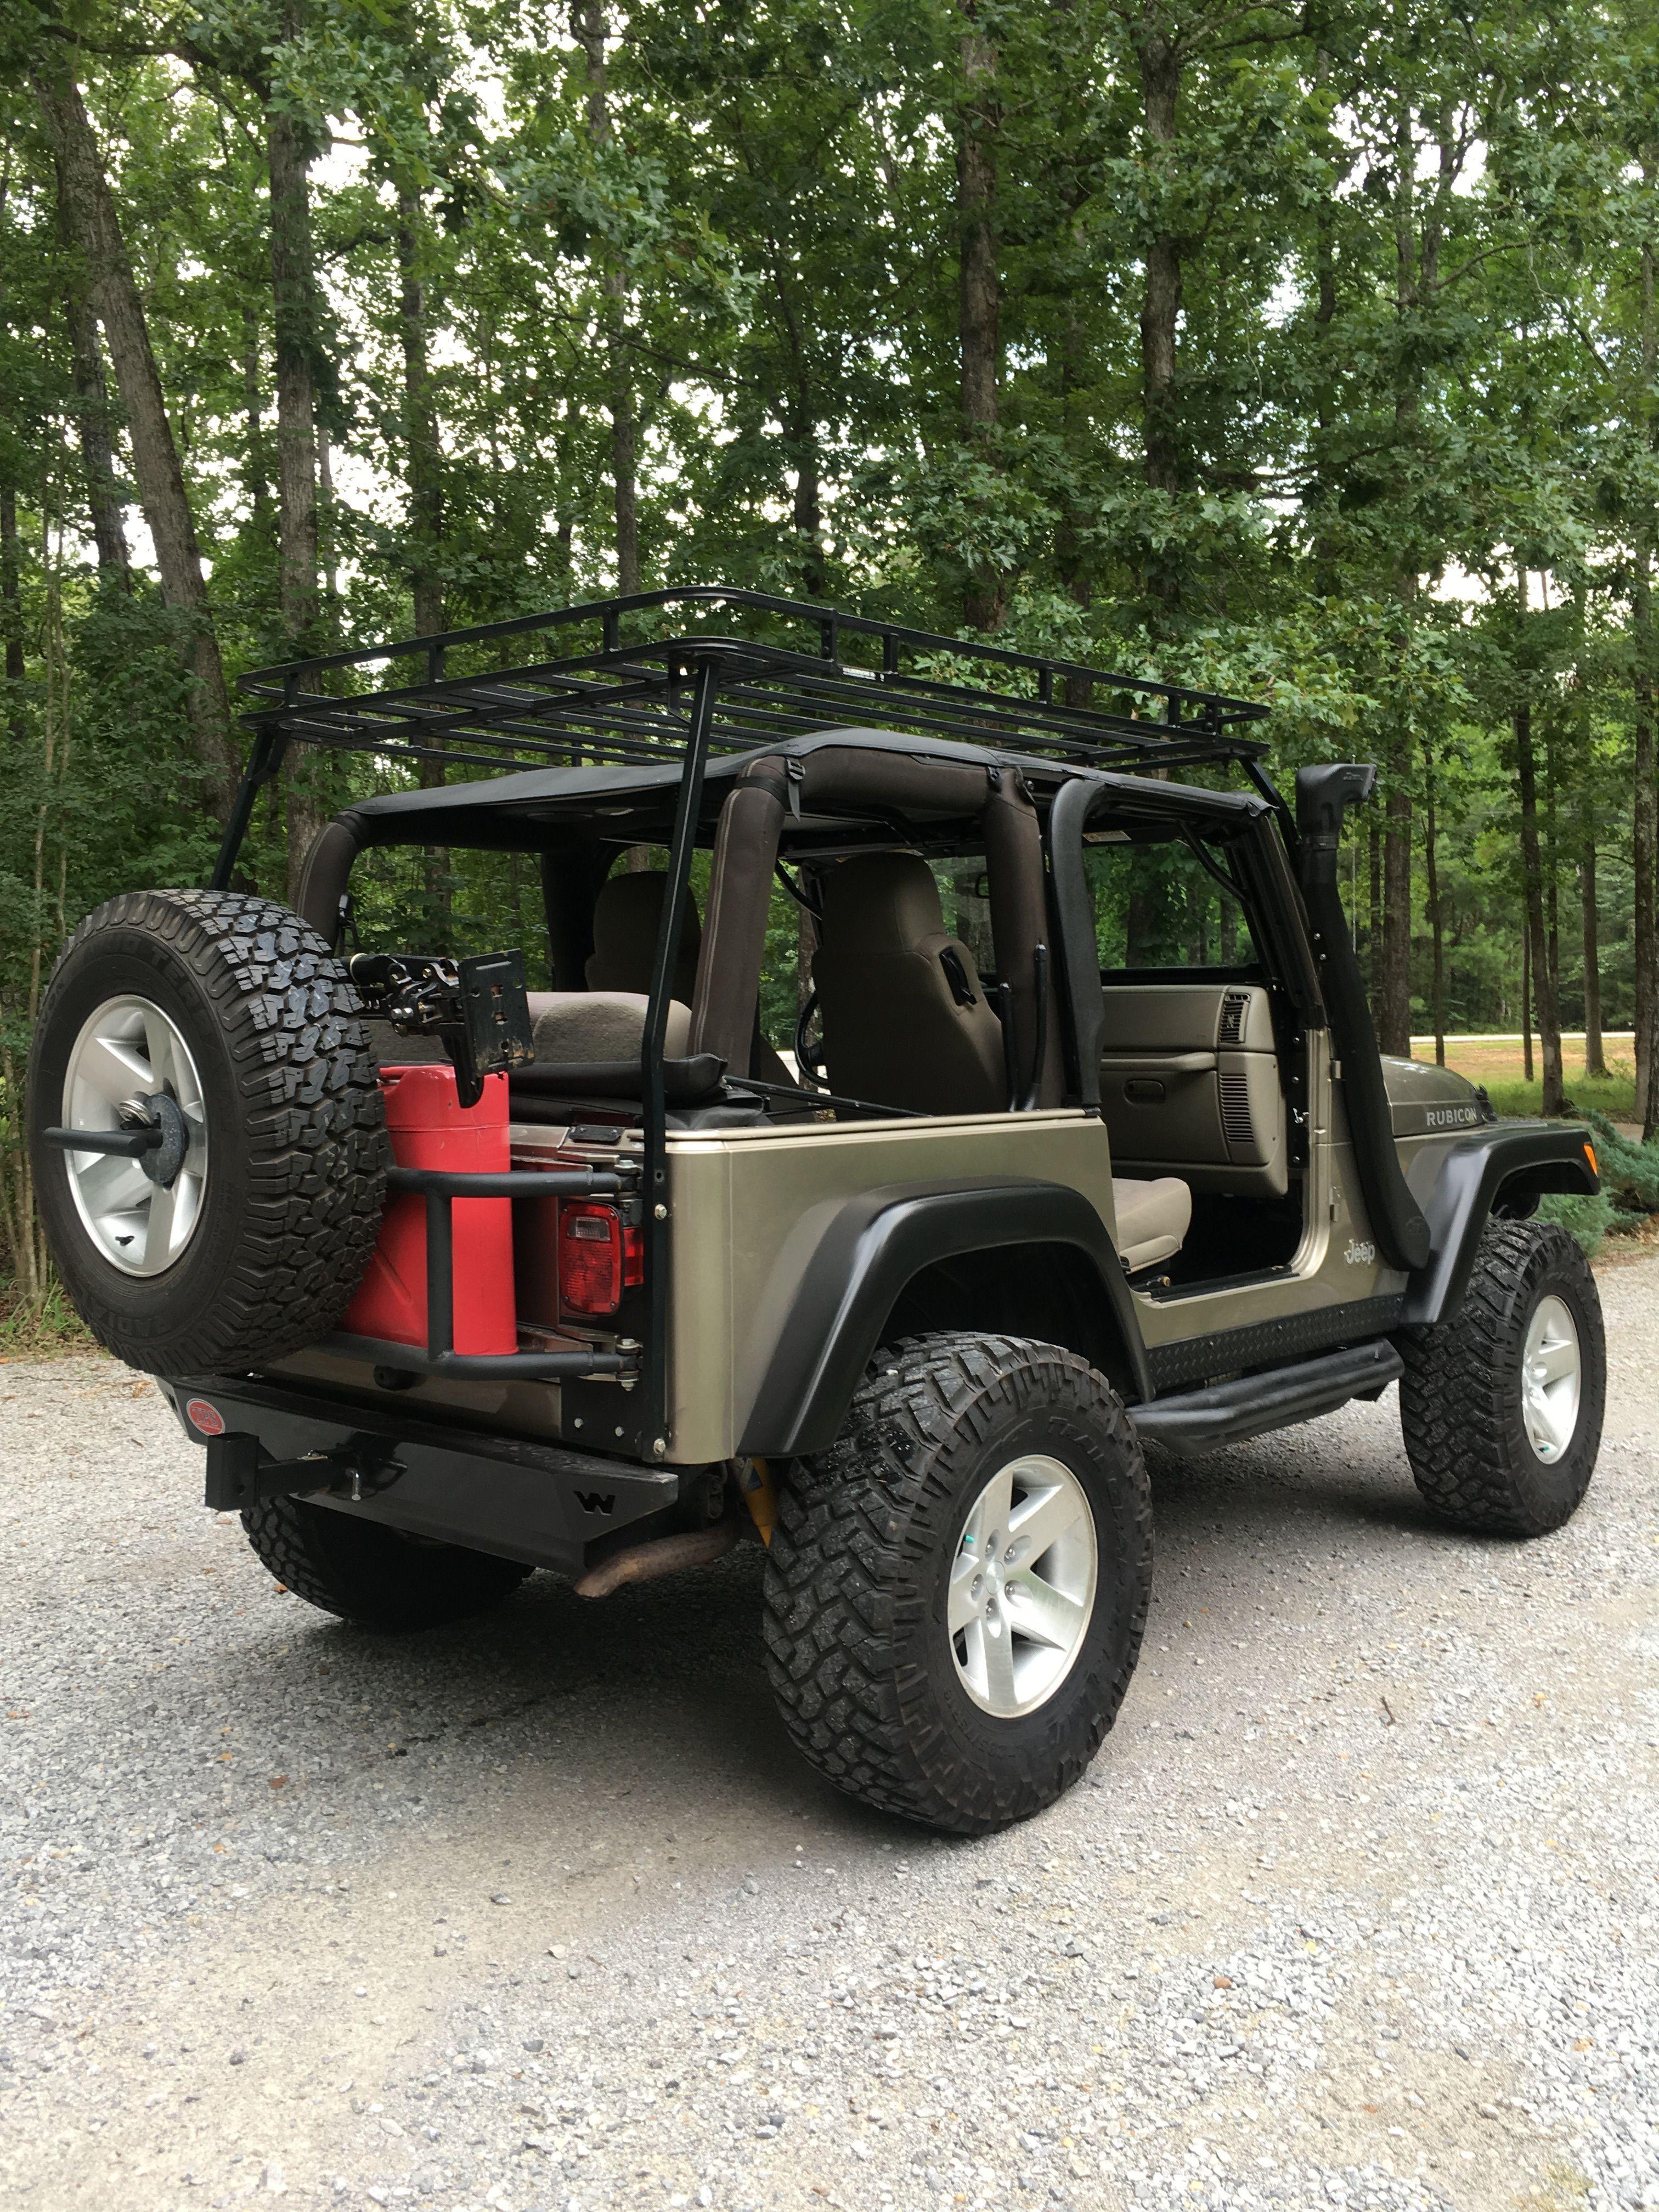 2020 Jeep Wrangler 2004 Jeep Wrangler Jeep Wrangler Rubicon Jeep Wrangler